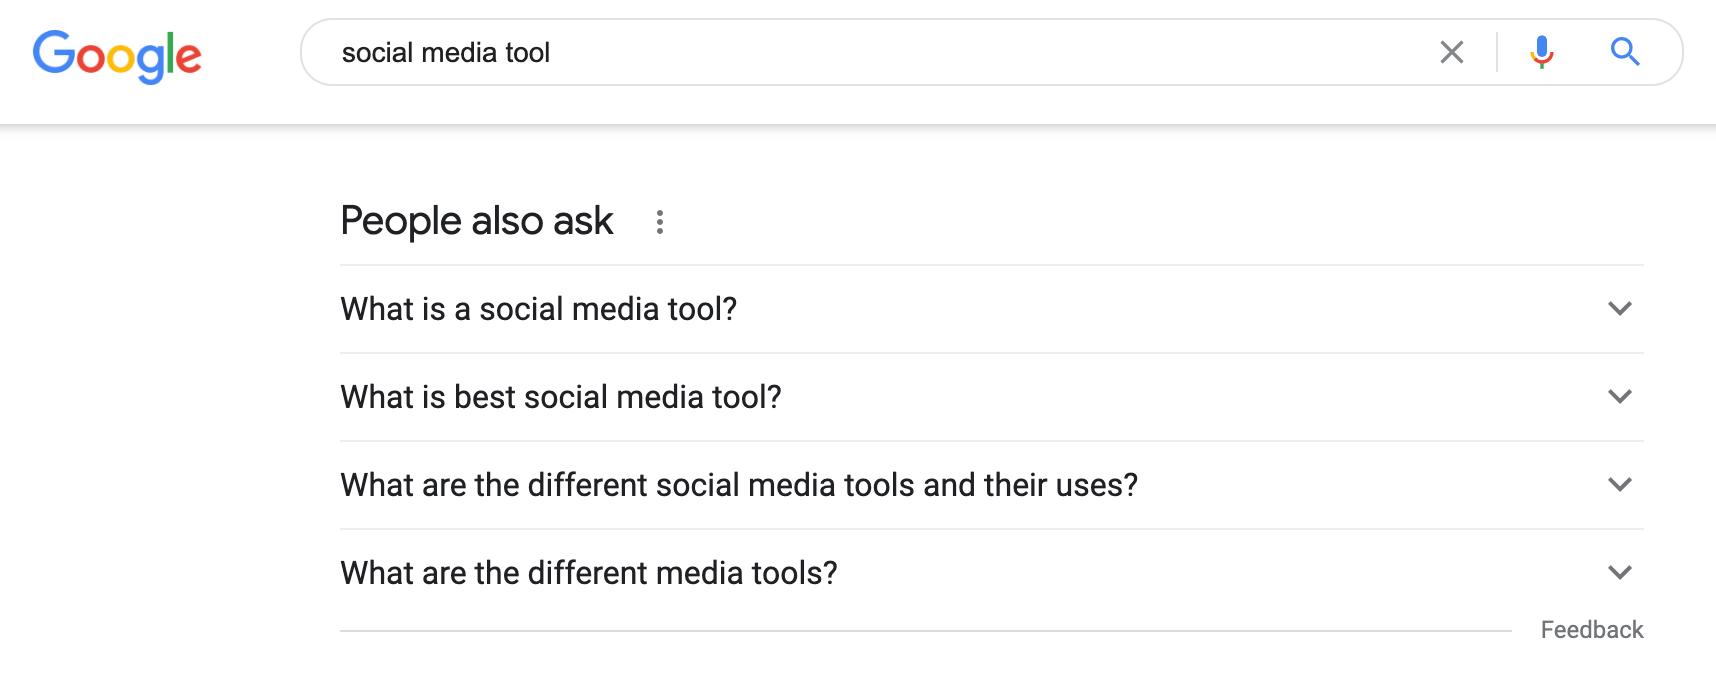 La sección La gente también pregunta en Google cuando busca herramientas de redes sociales para crear un perfil de audiencia.